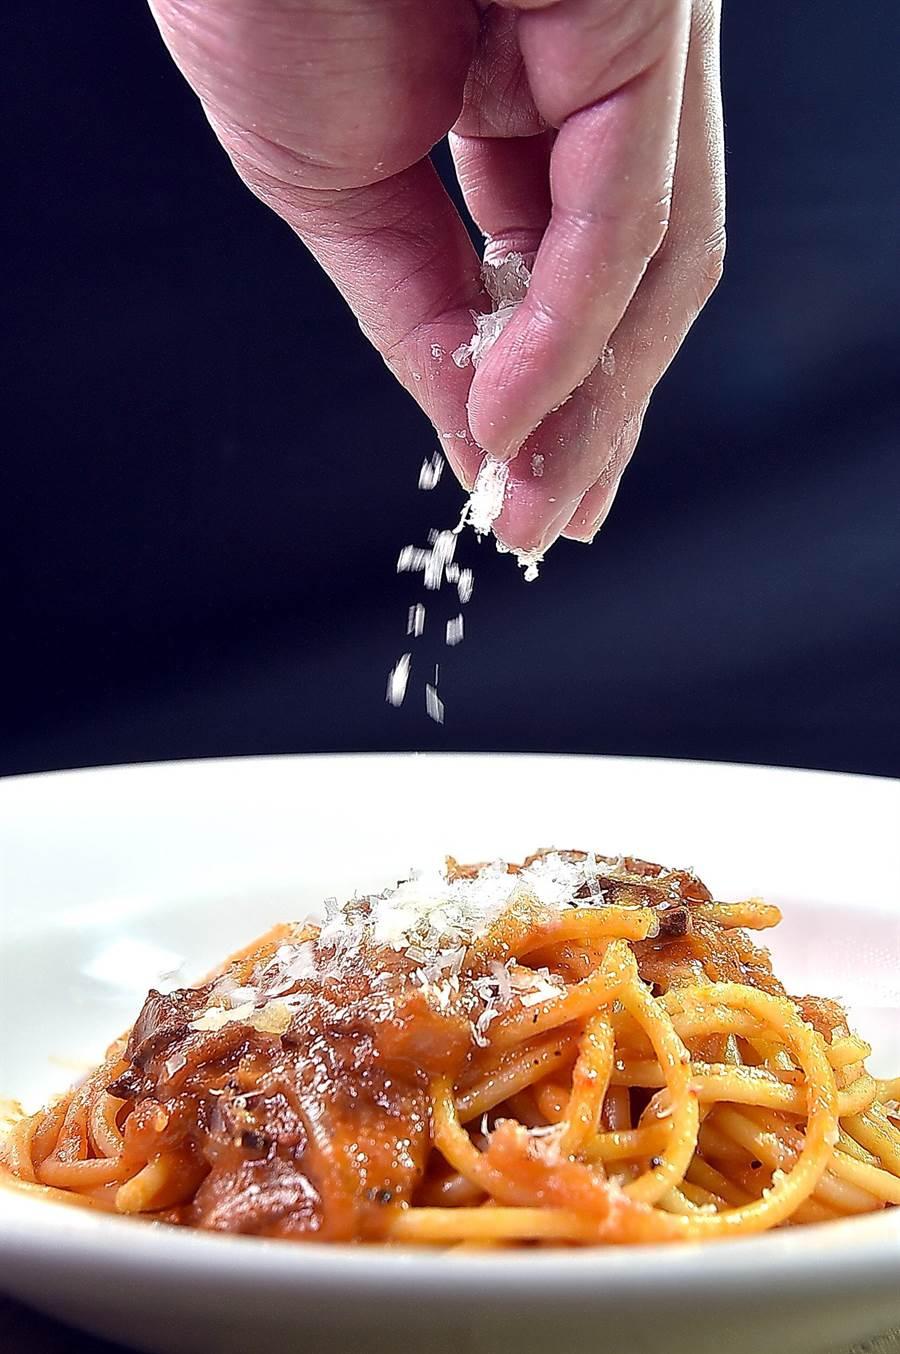 用Guanciale豬臉頰肉為主角的〈直管通心麵.風乾豬臉頰肉〉,是以番茄汁與辣味番茄炒製的羅馬式pasta。(圖/姚舜)